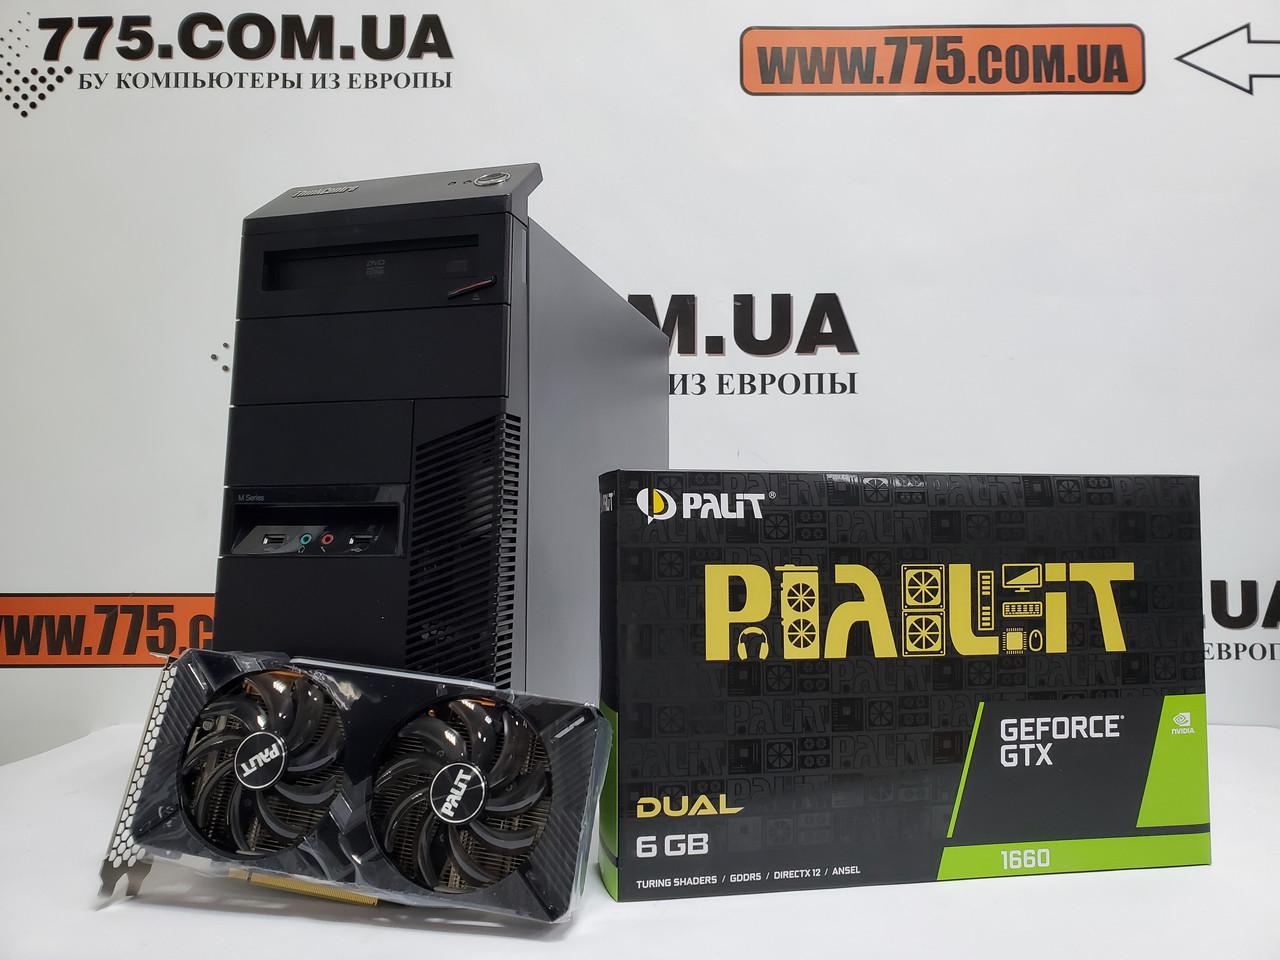 Игровой компьютер Lenovo M82, Intel Core i5-3570 3.8GHz, RAM 8ГБ, SSD 120ГБ, HDD 500ГБ, GeForce GTX 1660 6GB